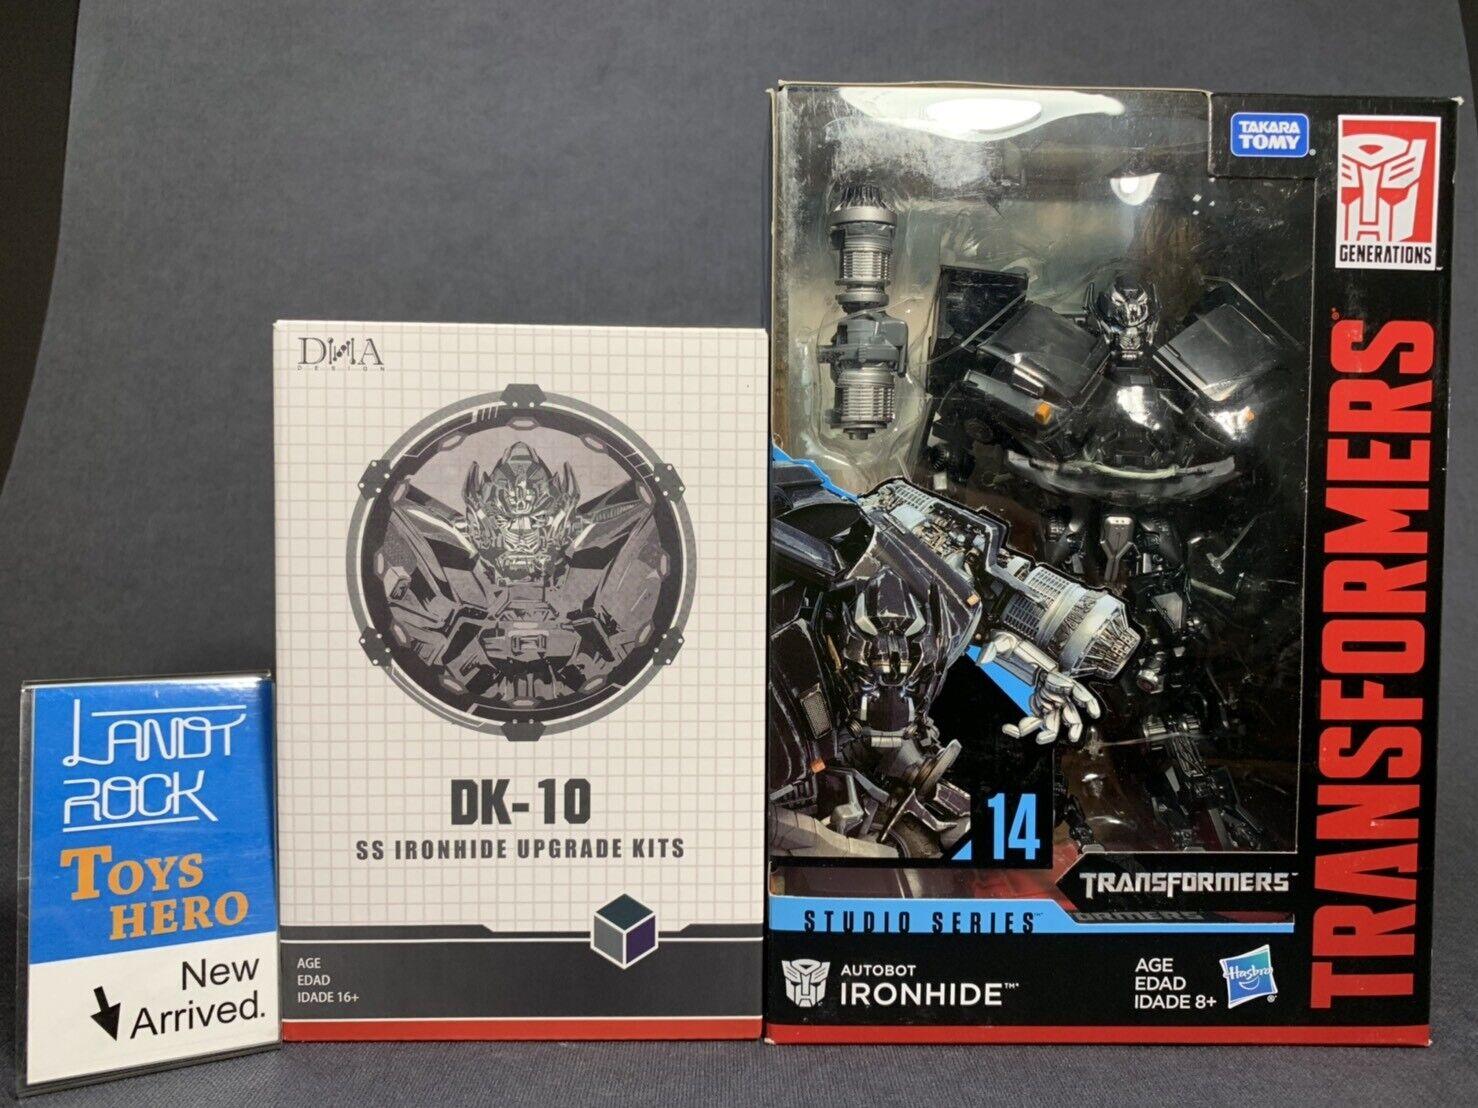 [giocattoli  Hero] In He Transformers SS-14 IronHide + DNA DK-10 upgrade kit  il più alla moda